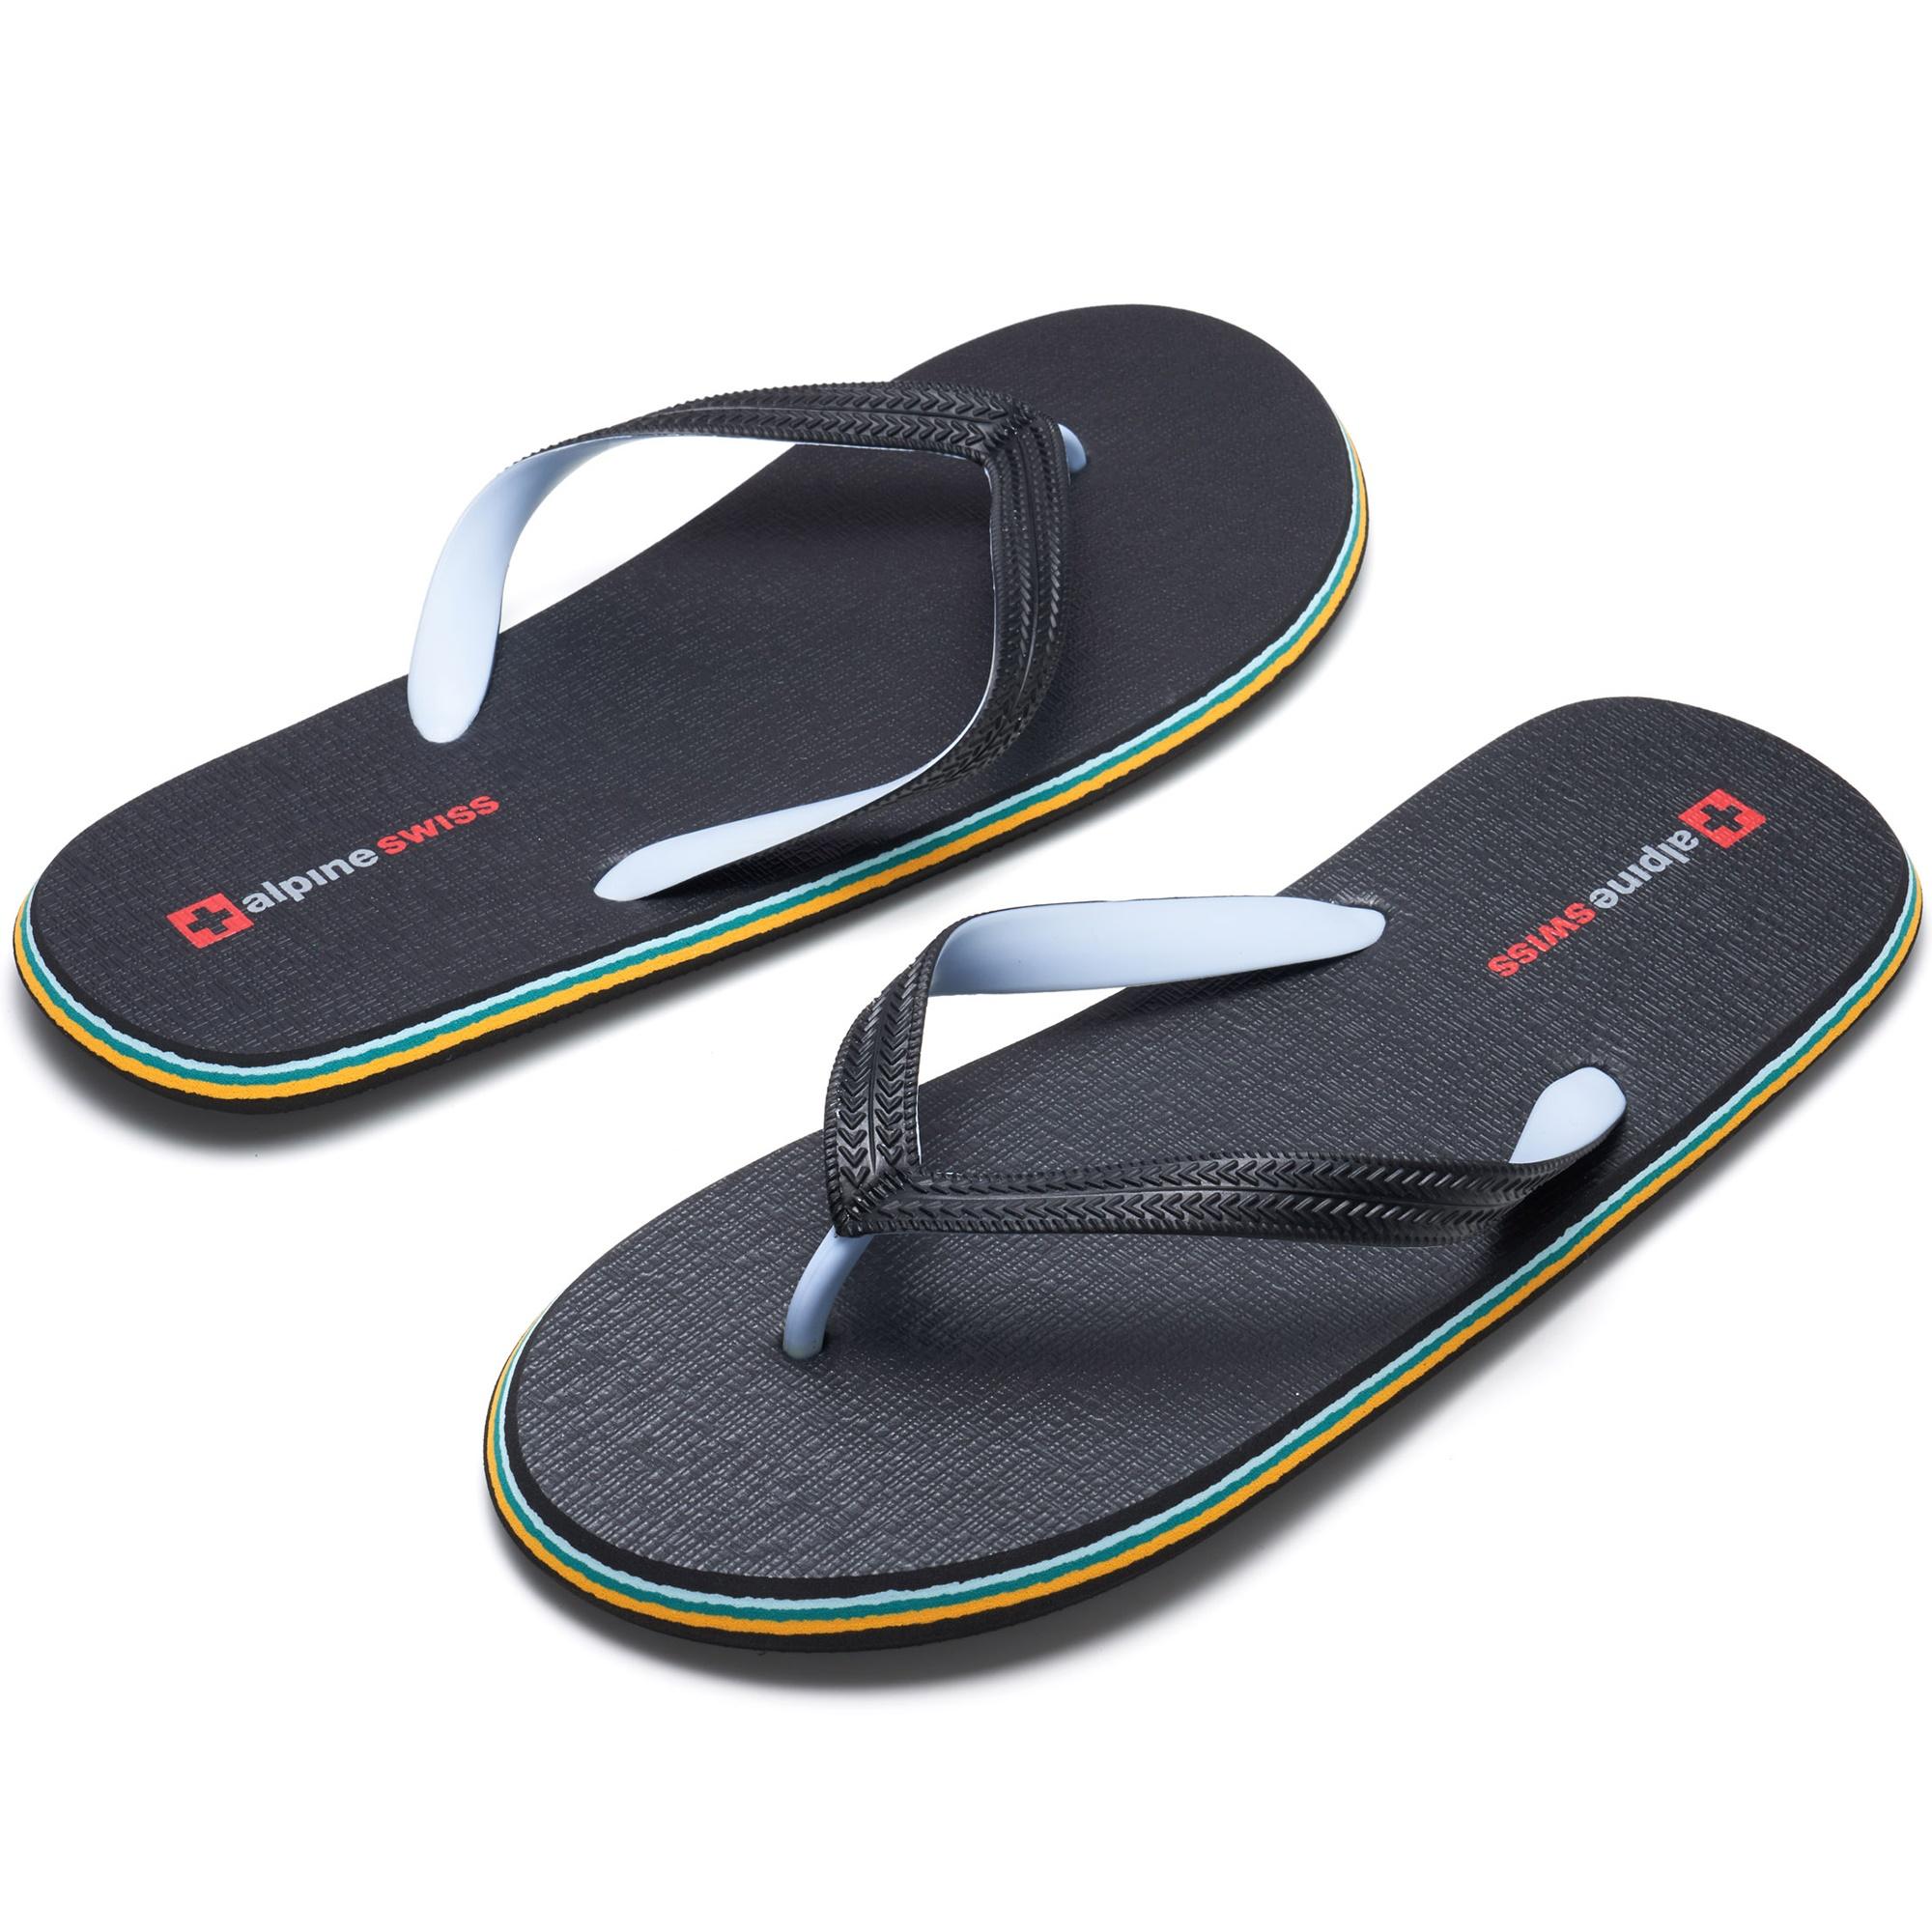 Alpine-Swiss-Mens-Flip-Flops-Beach-Sandals-Lightweight-EVA-Sole-Comfort-Thongs thumbnail 20